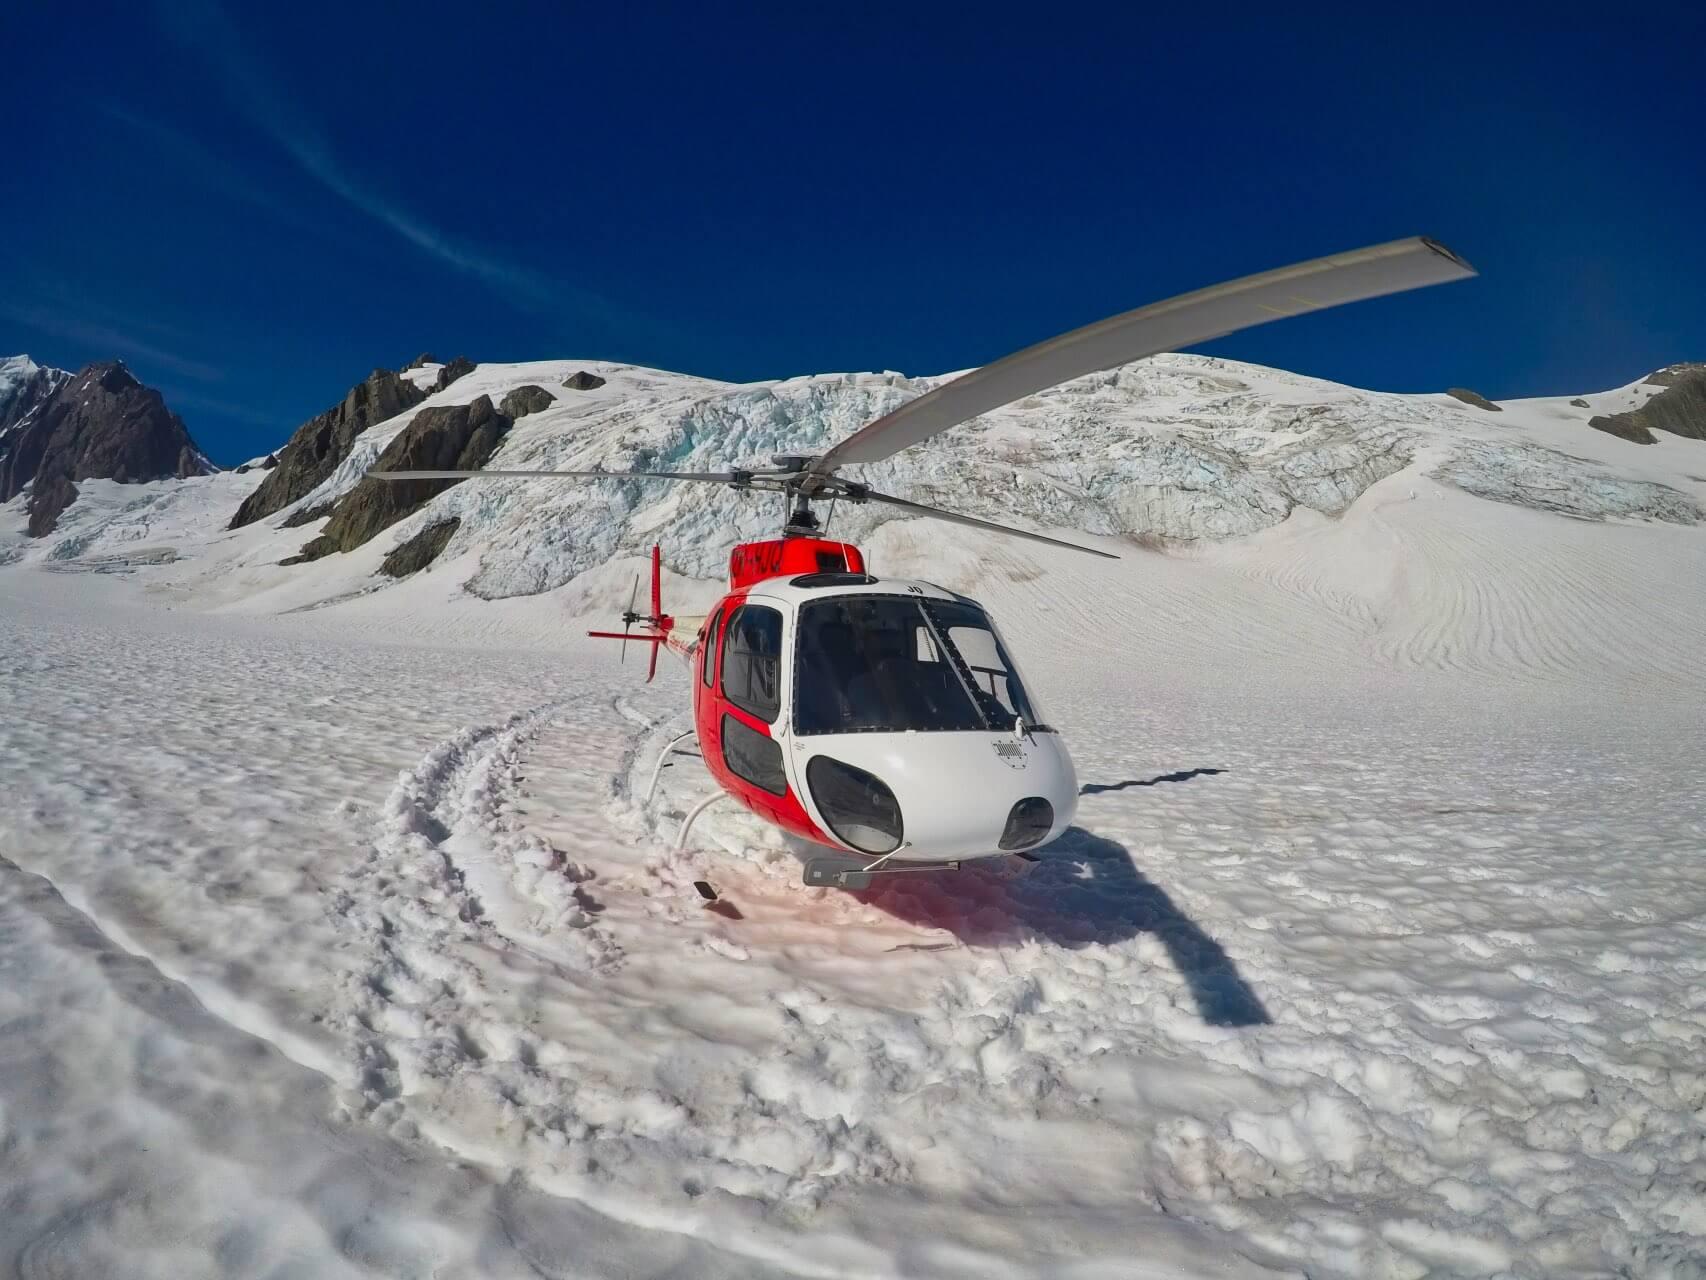 Fox Glacier Helicopters Snowlanding